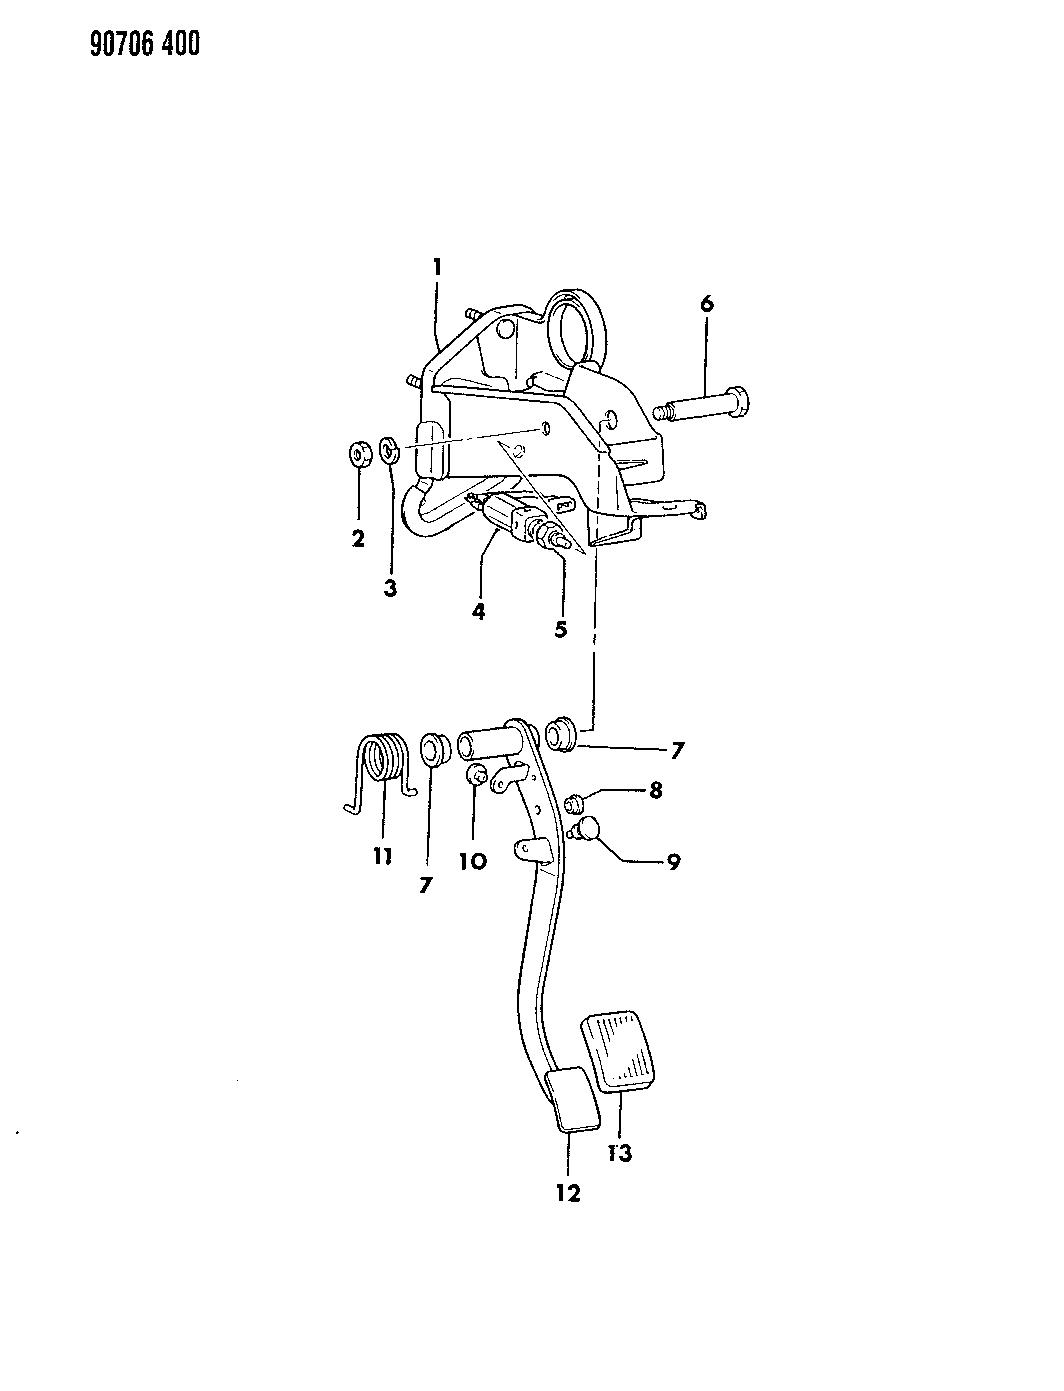 1990 Dodge Colt Clutch Pedal - Thumbnail 1